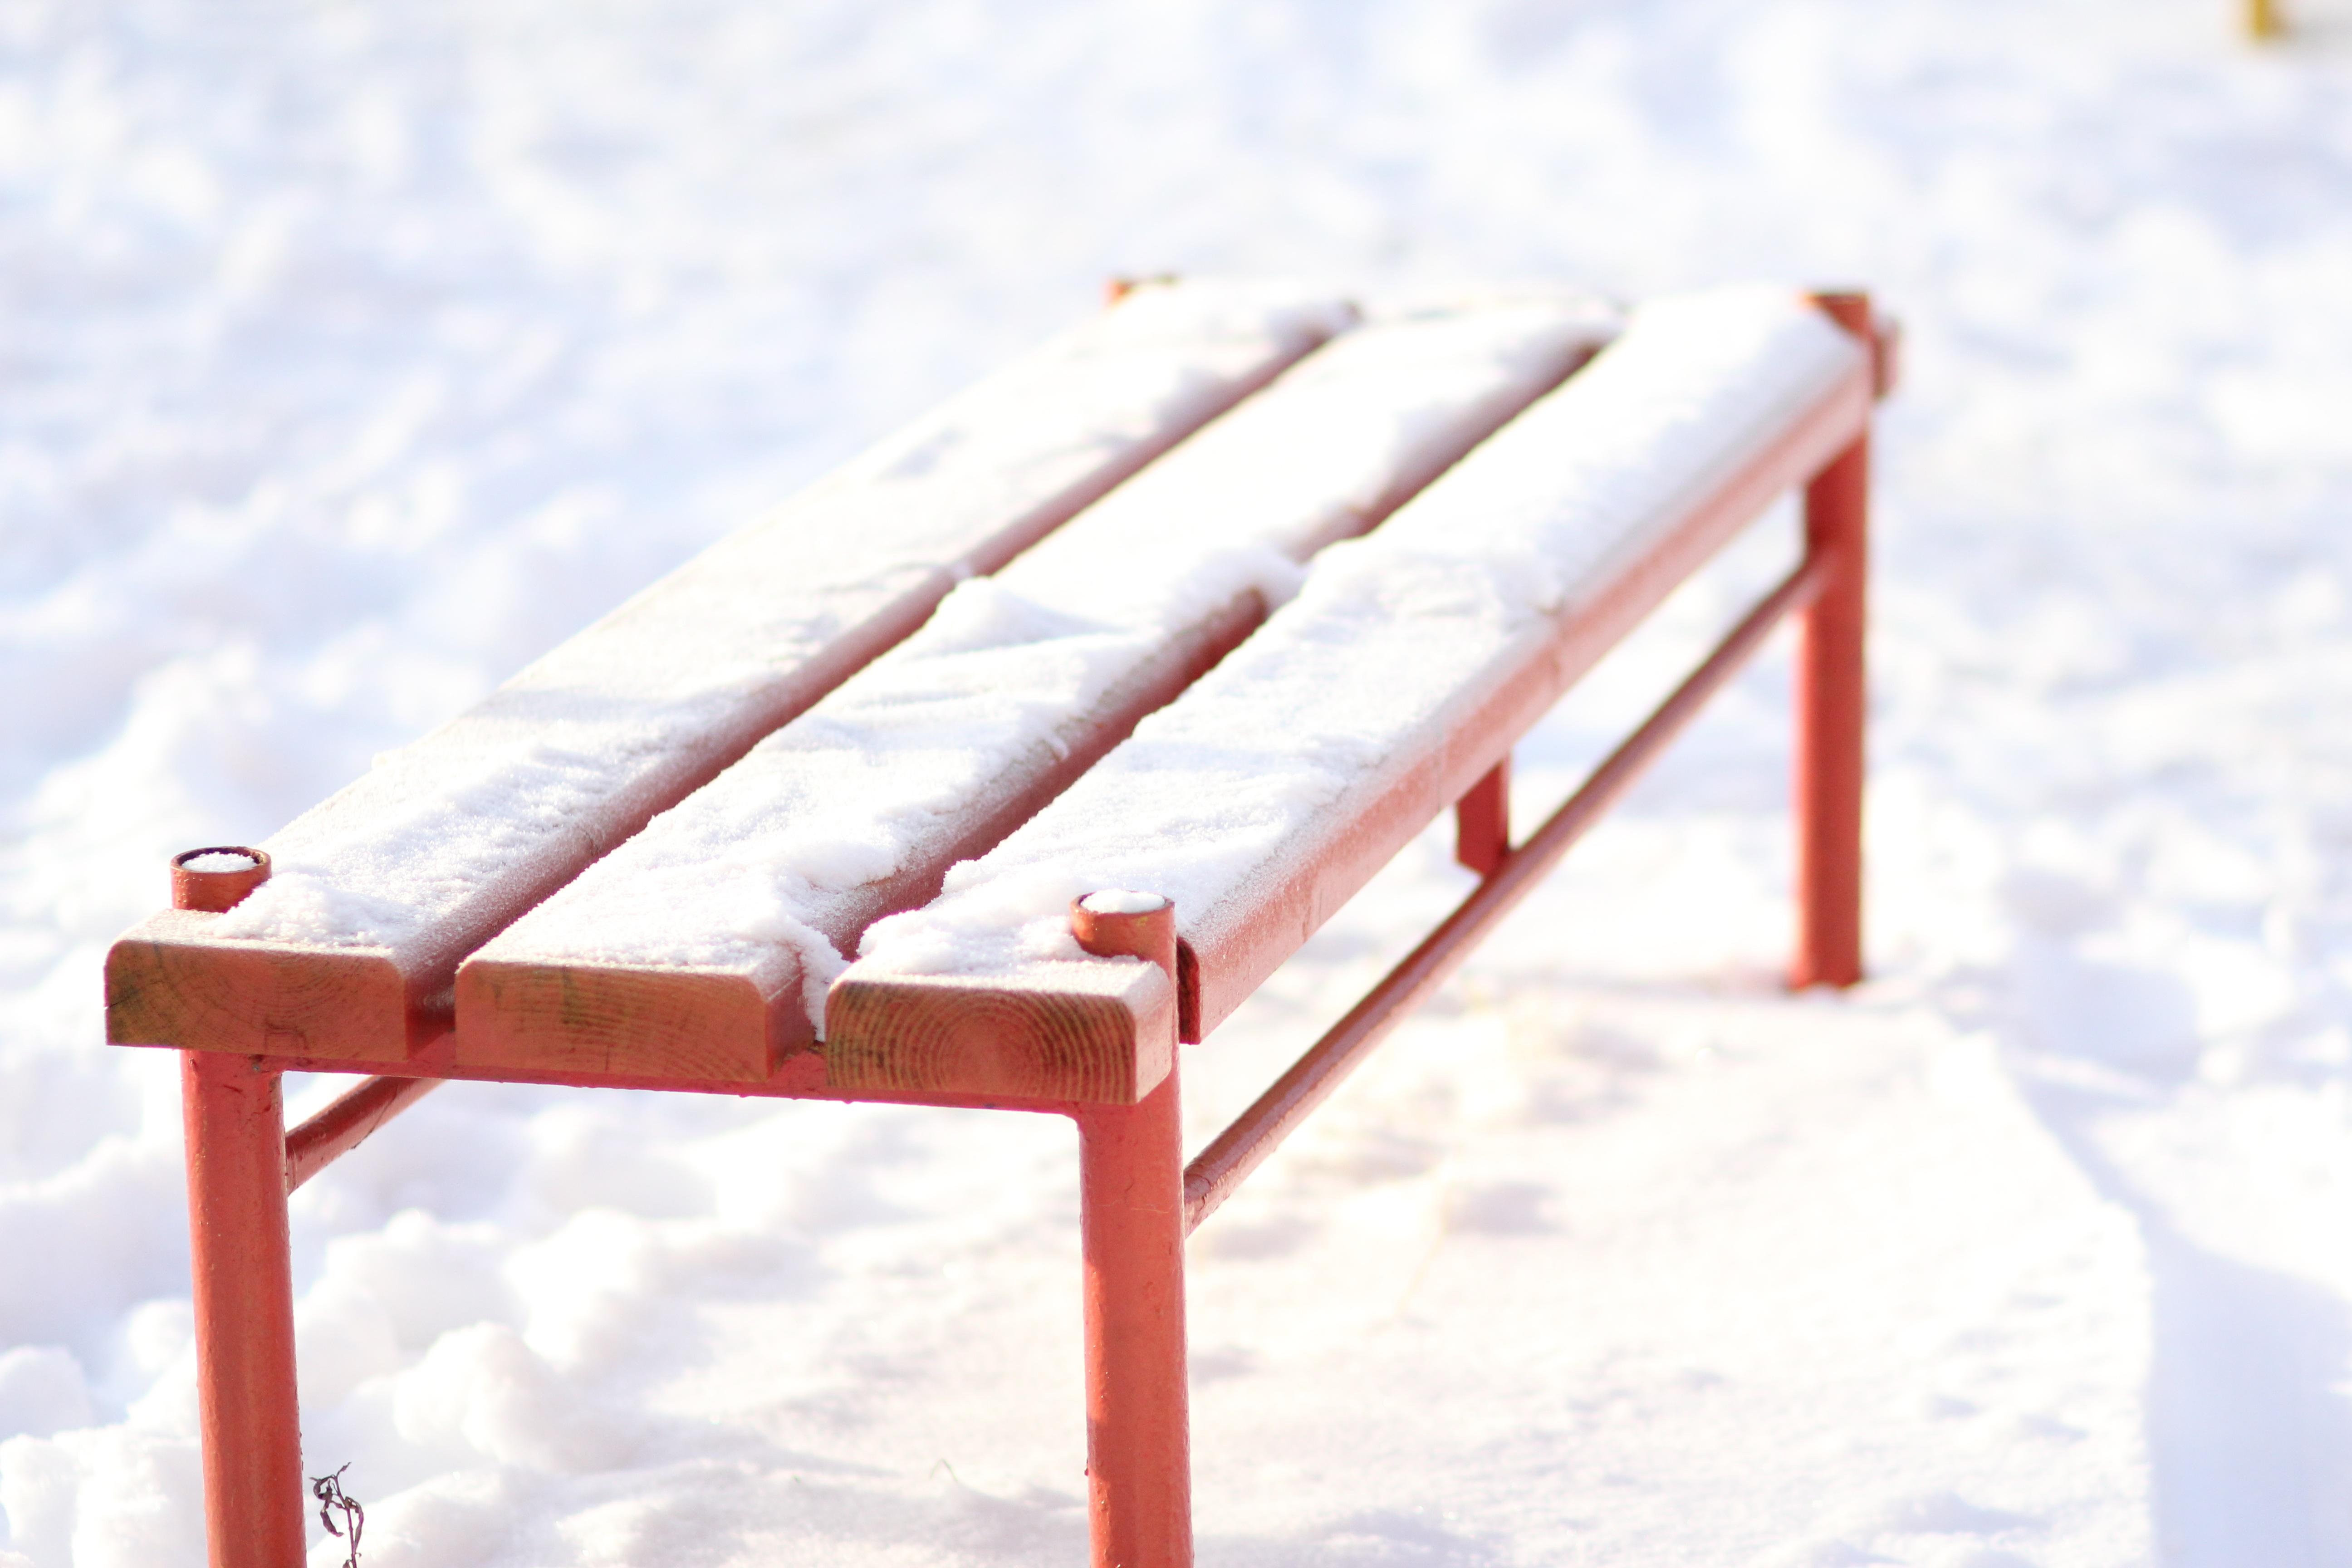 Fotos gratis : mesa, nieve, invierno, madera, banco, rojo, mueble ...